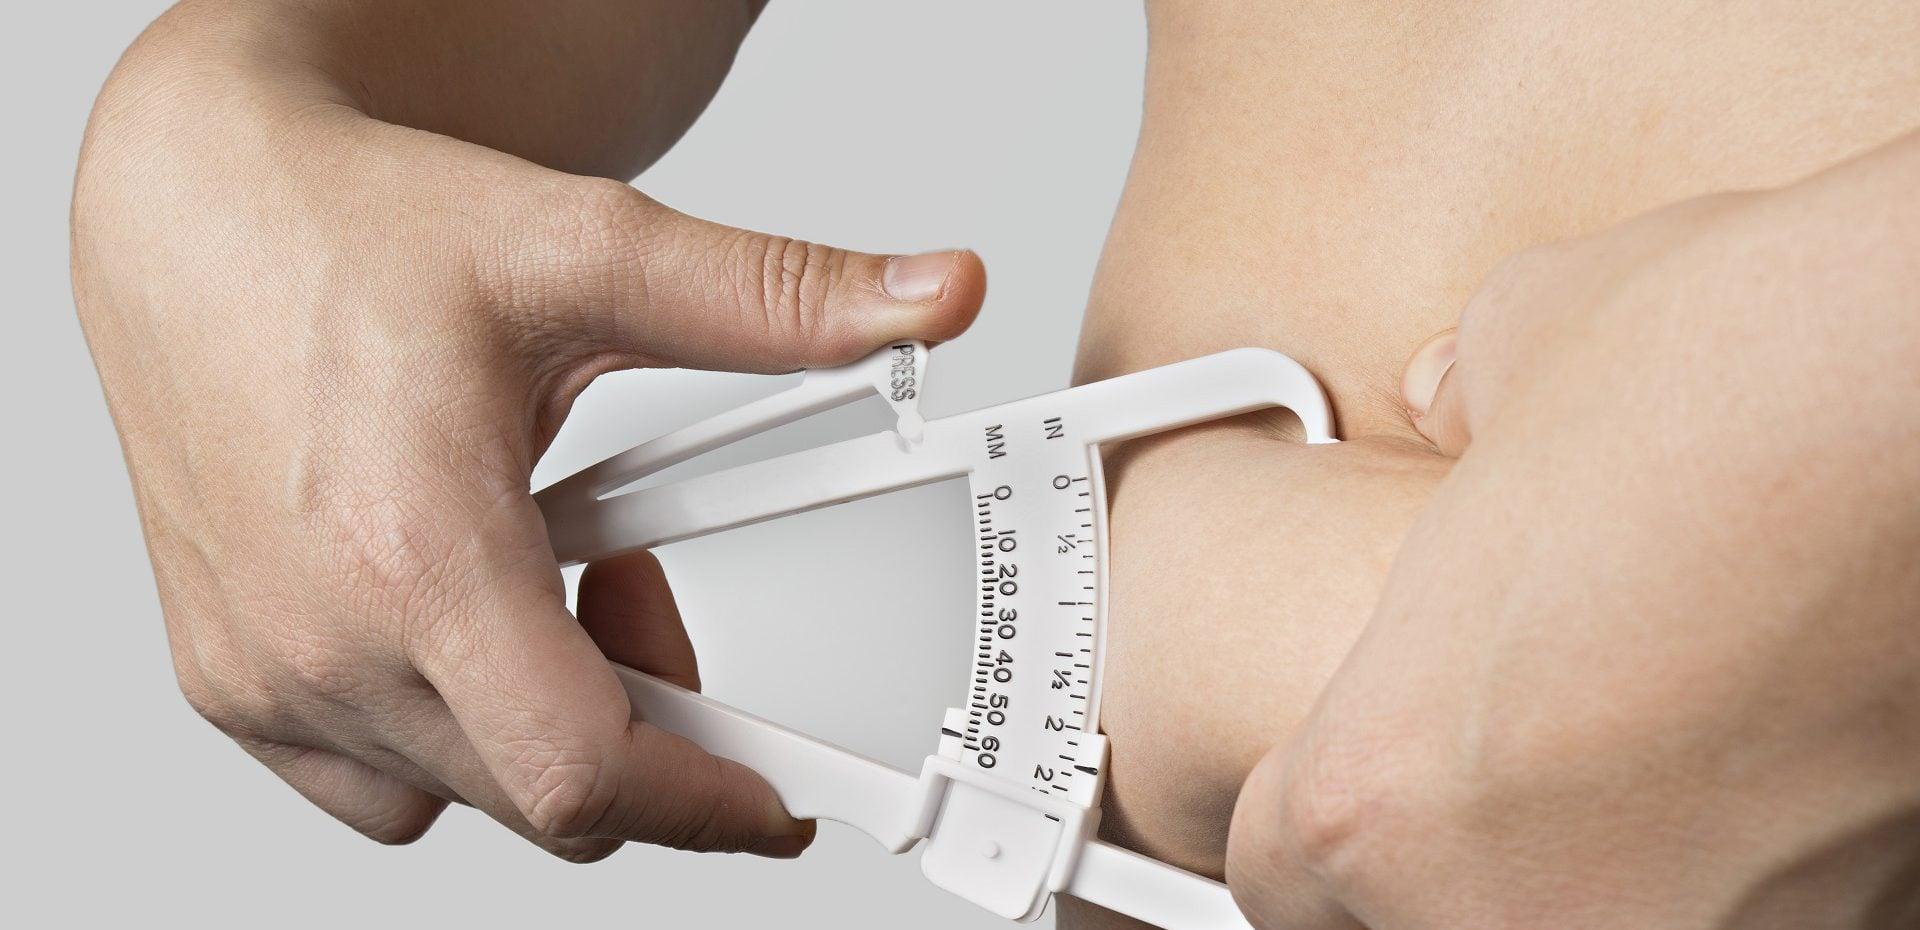 چاقی زیر ۵۰ سال و احتمال مبتلا شدن به  این بیماری